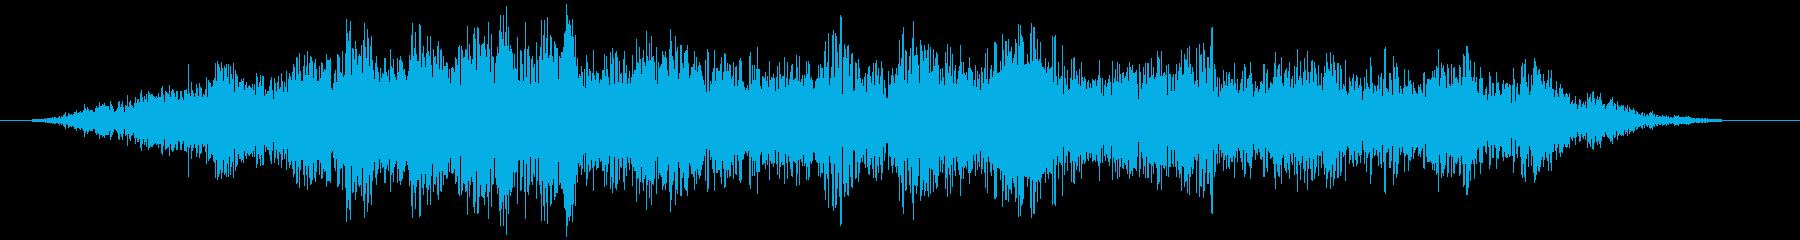 【ダークアンビエント】闇の再生済みの波形